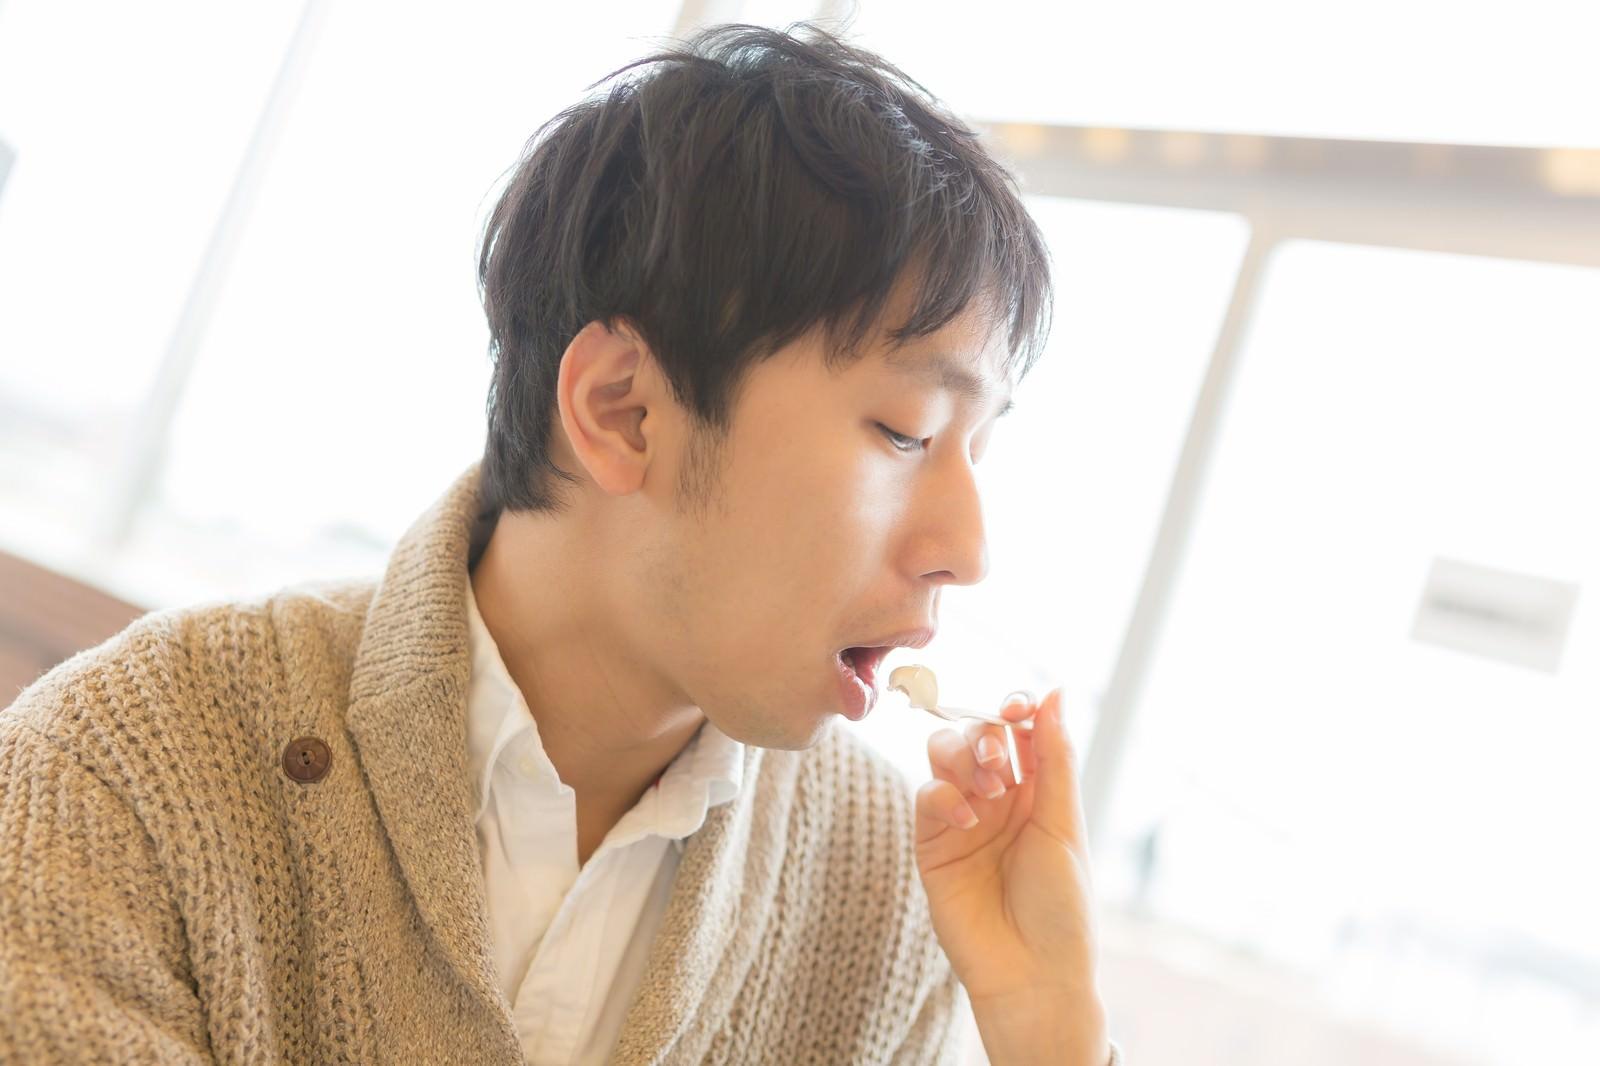 「カフェでアイスを「あーん」する男性カフェでアイスを「あーん」する男性」[モデル:大川竜弥]のフリー写真素材を拡大